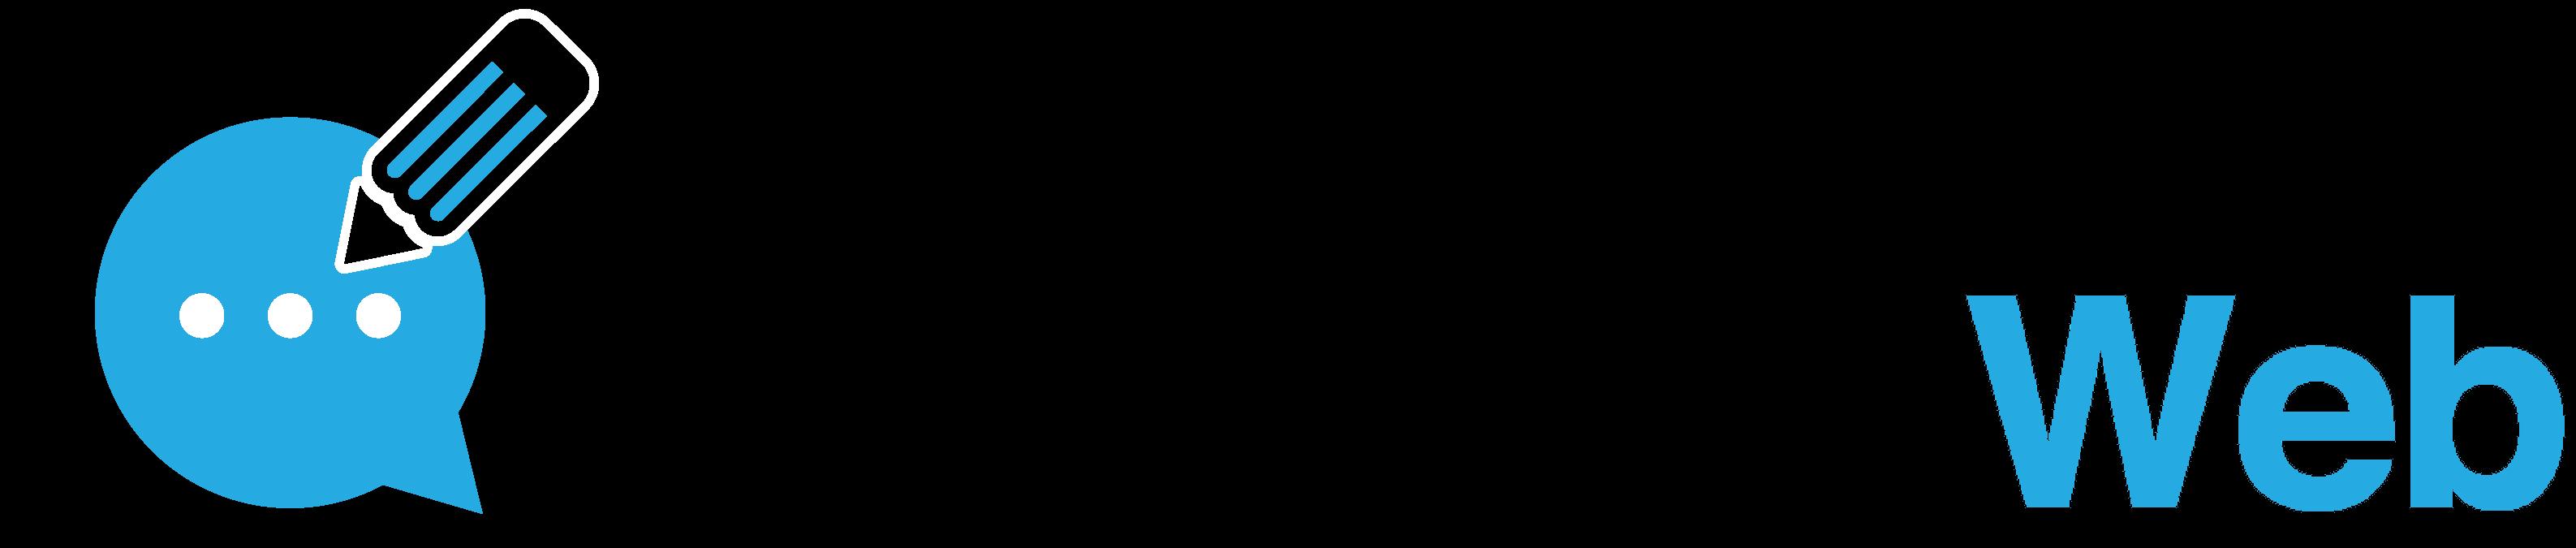 Rédacteur web